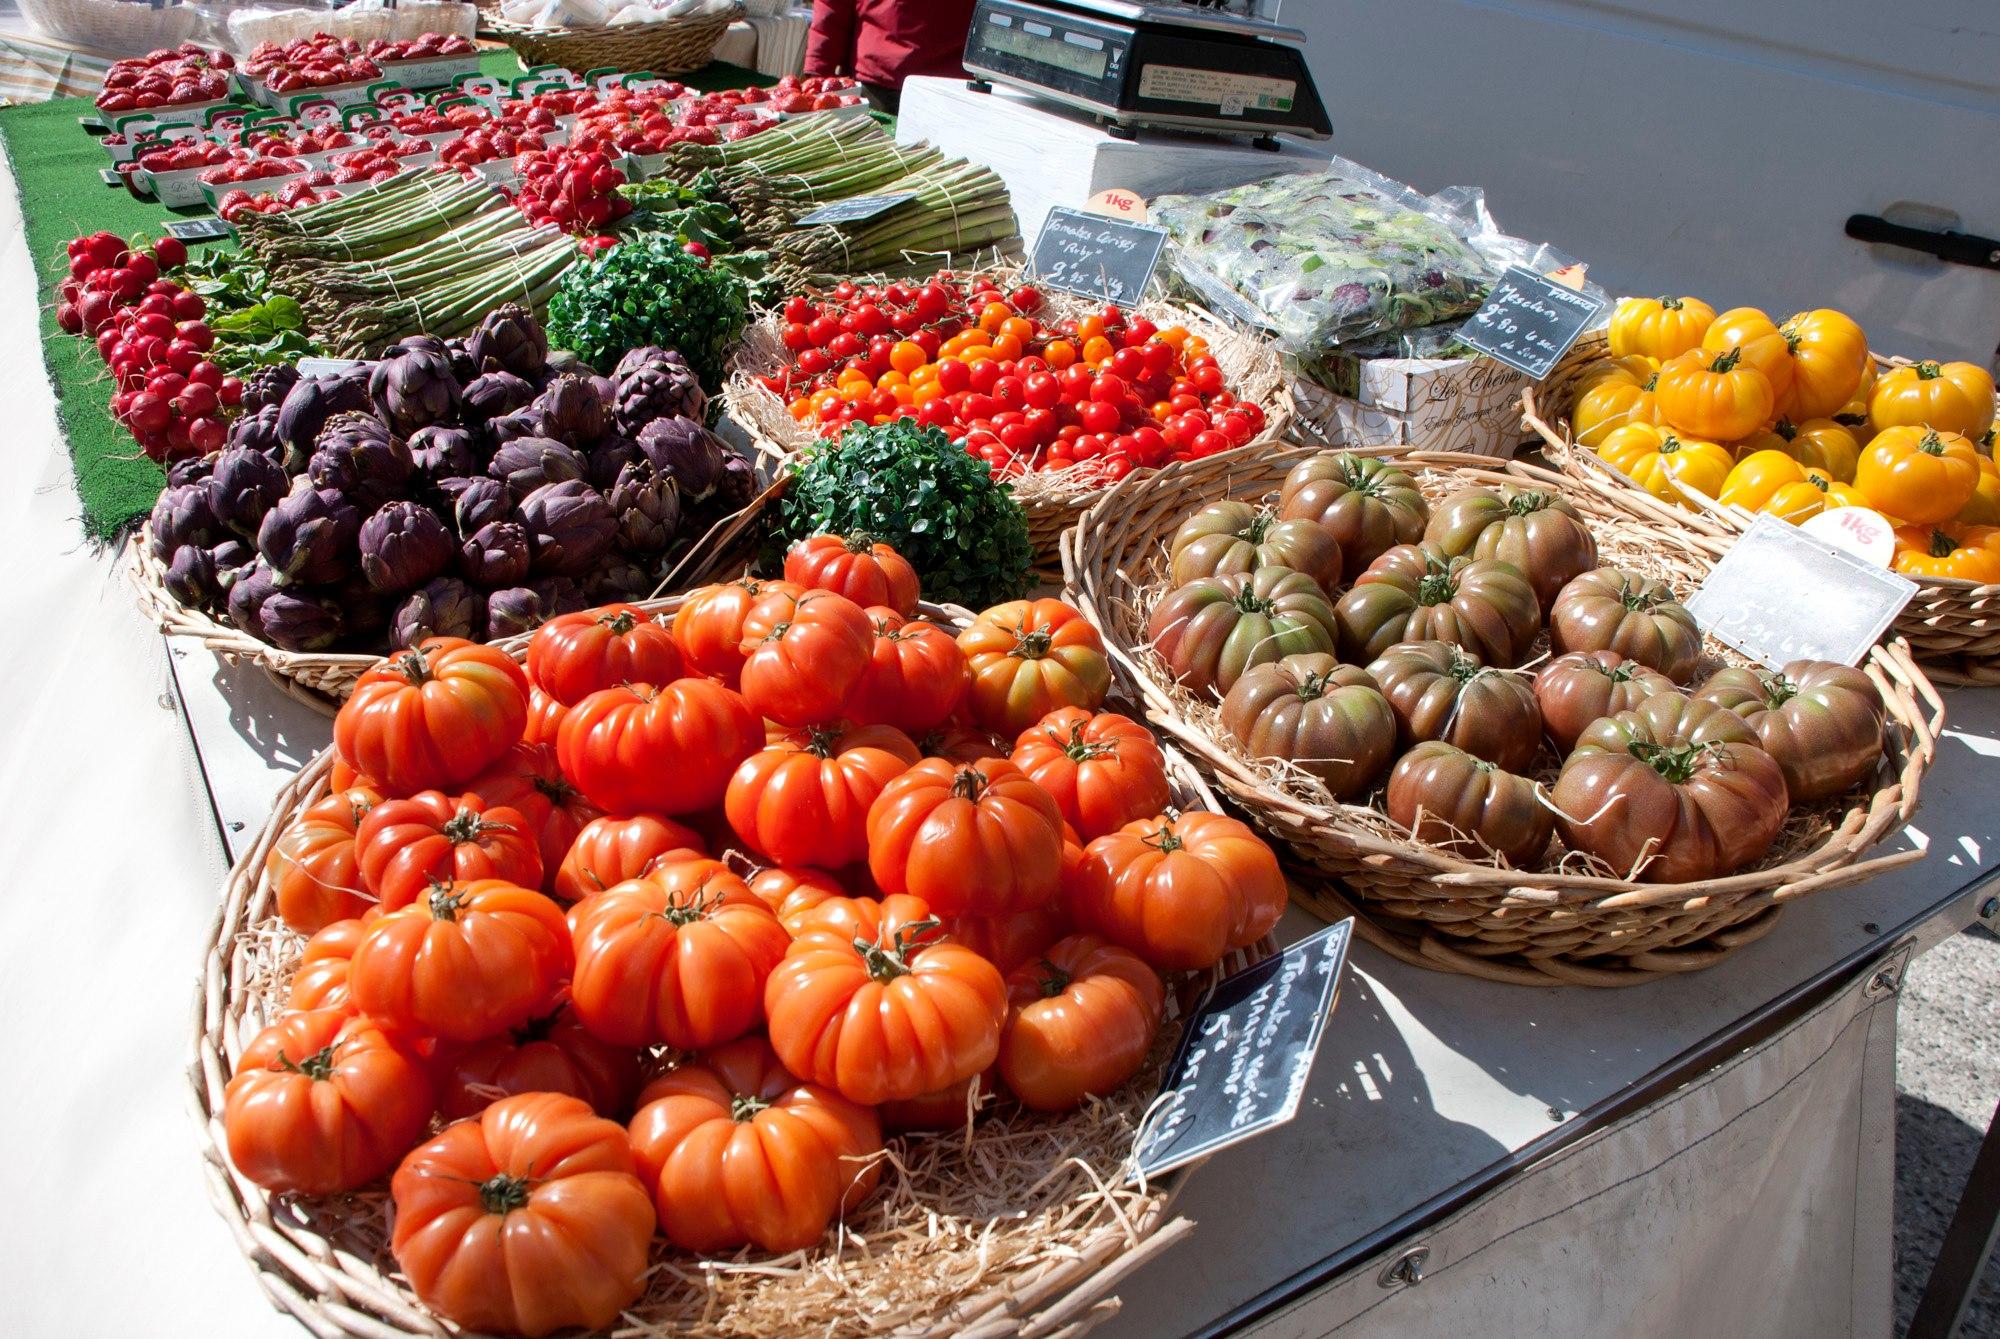 4-Légumes-sur-le-marché-de-Lauris-en-Lubéron-©-OT-Lauris-en-Lubéron